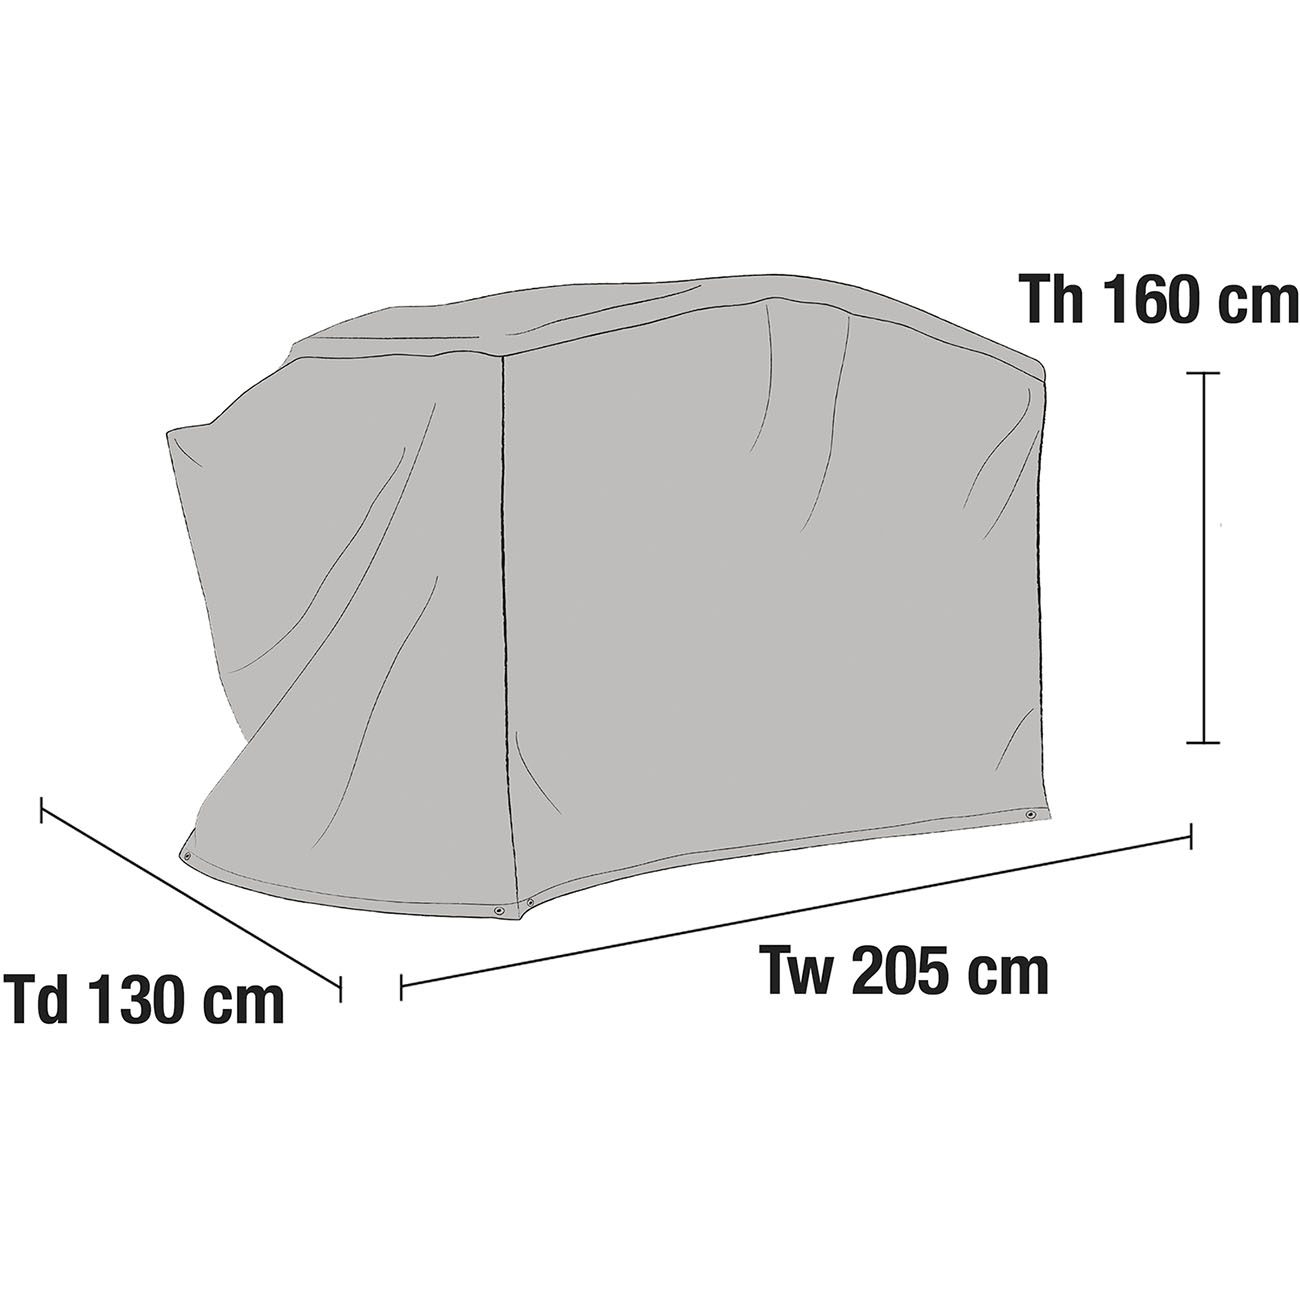 Hammockskydd med välvt tak i grå polyester.